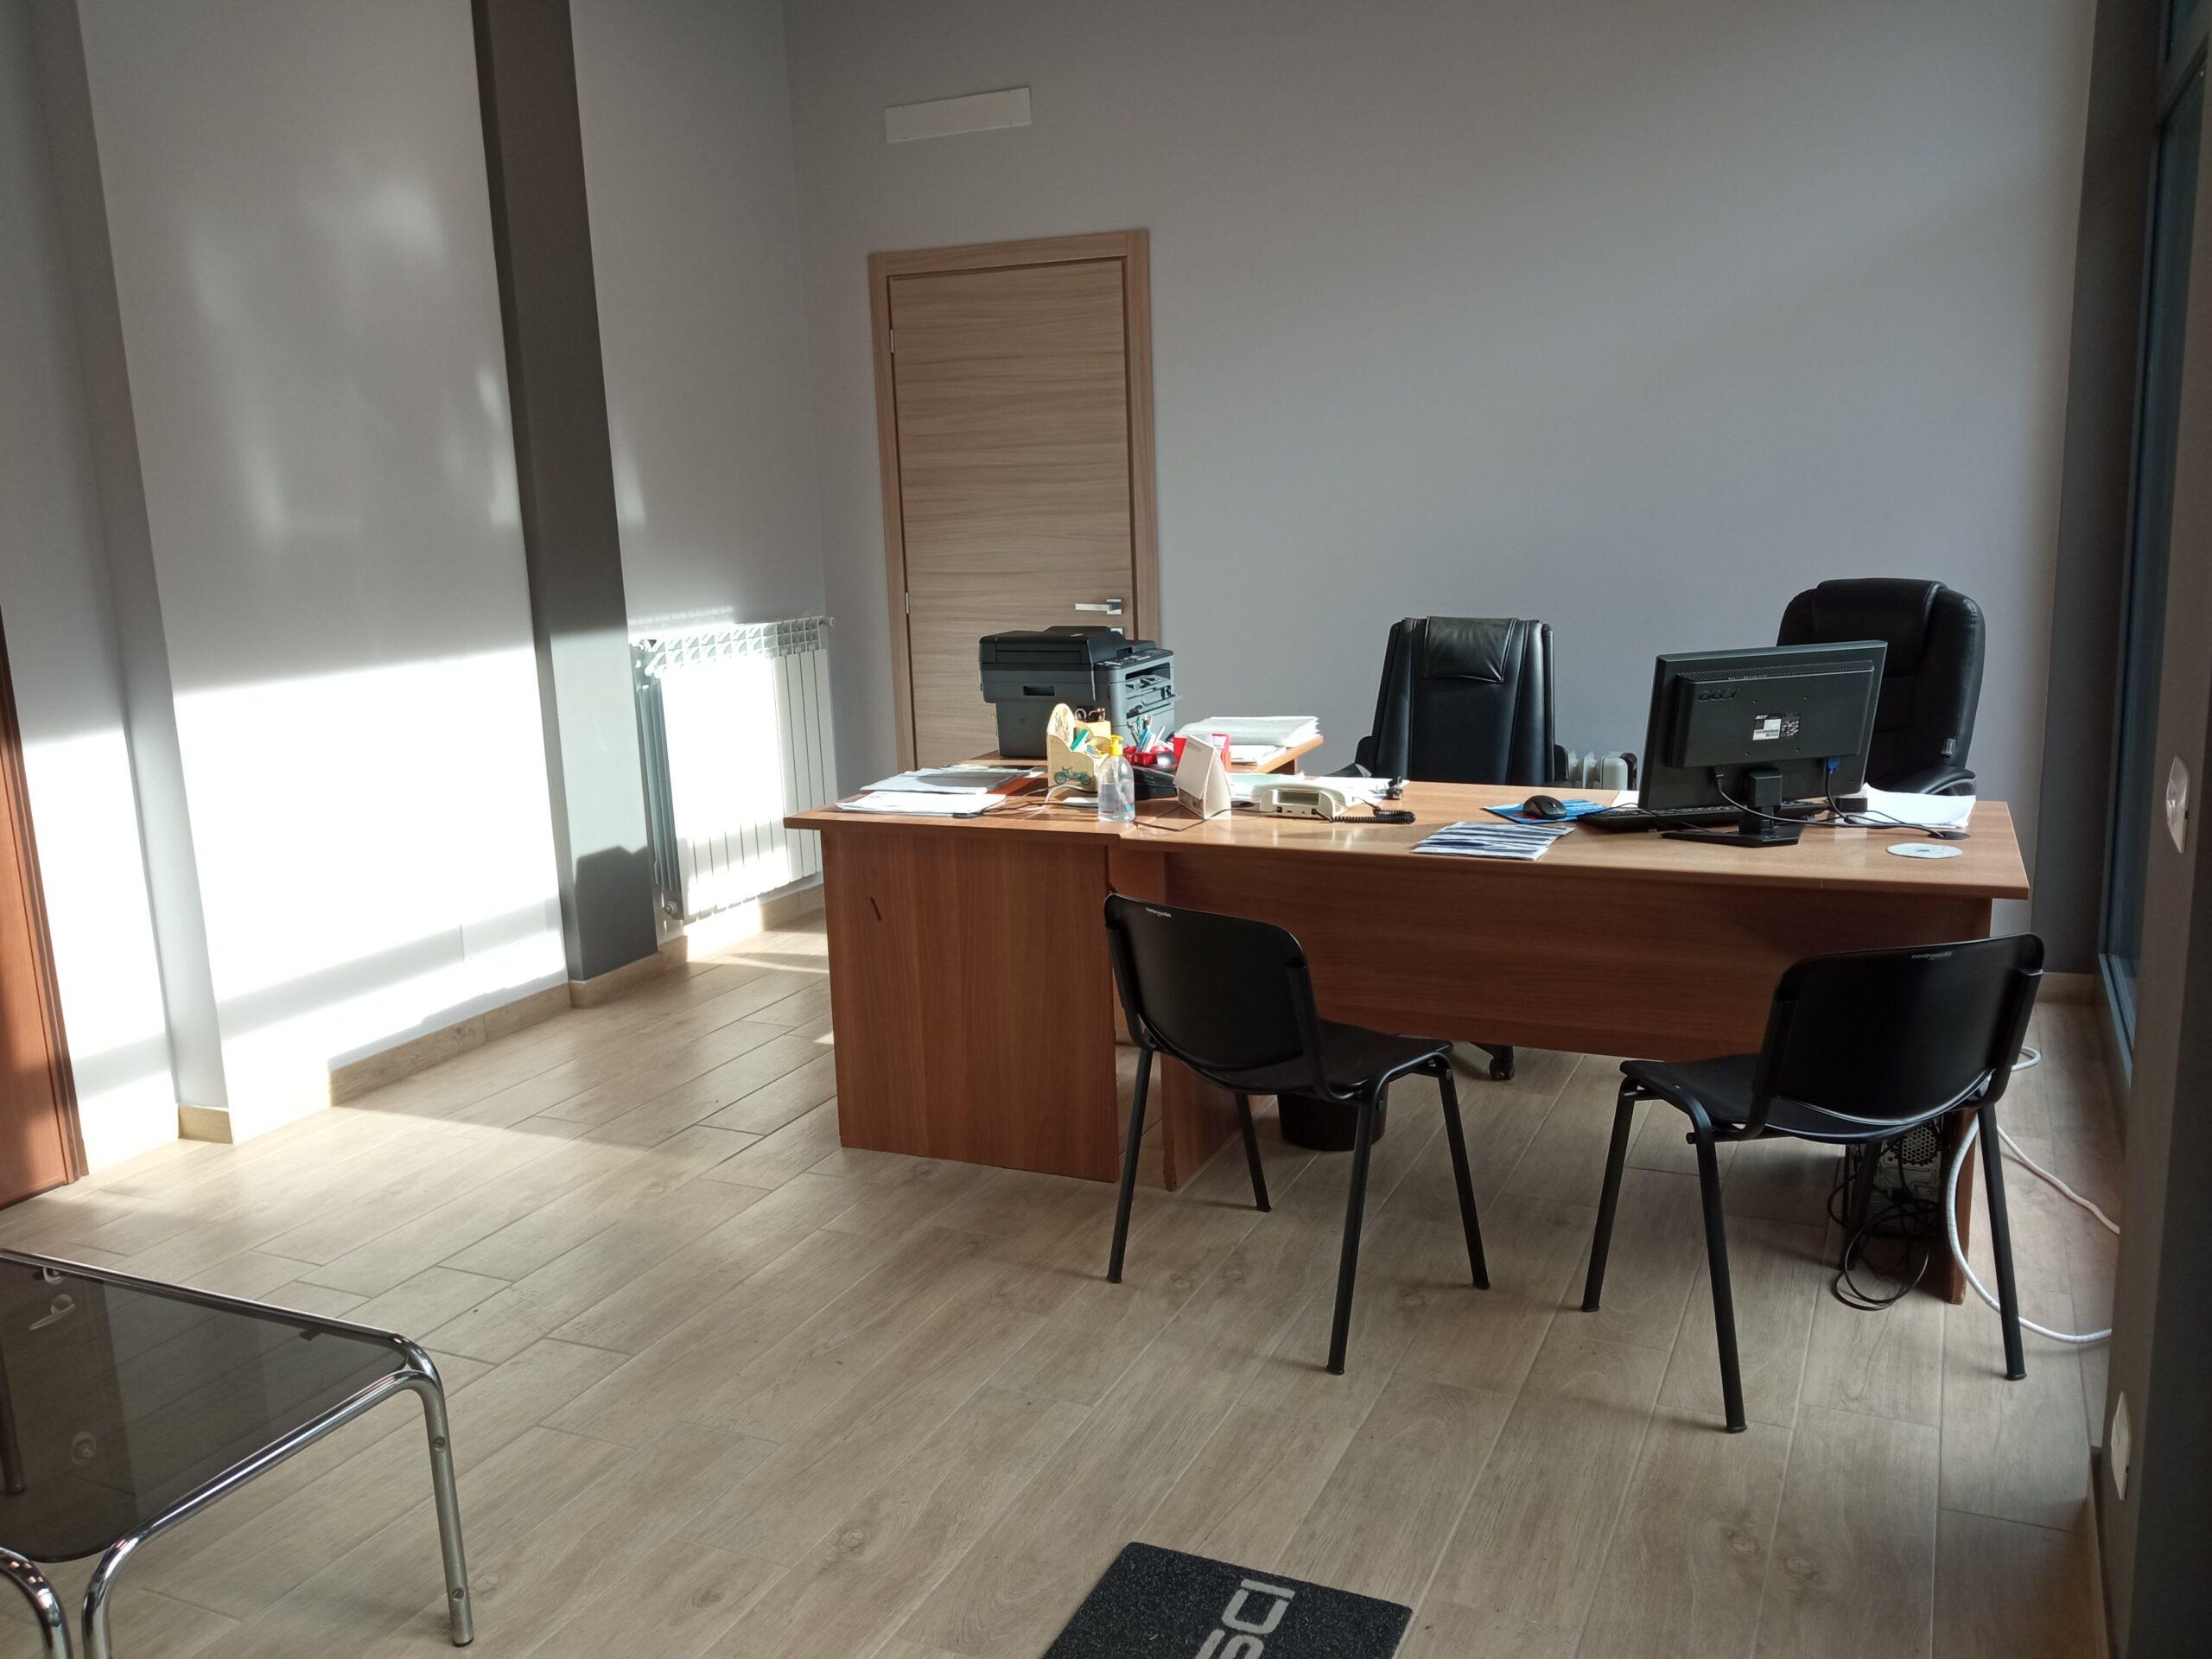 Autoscuola Gramsci - ufficio